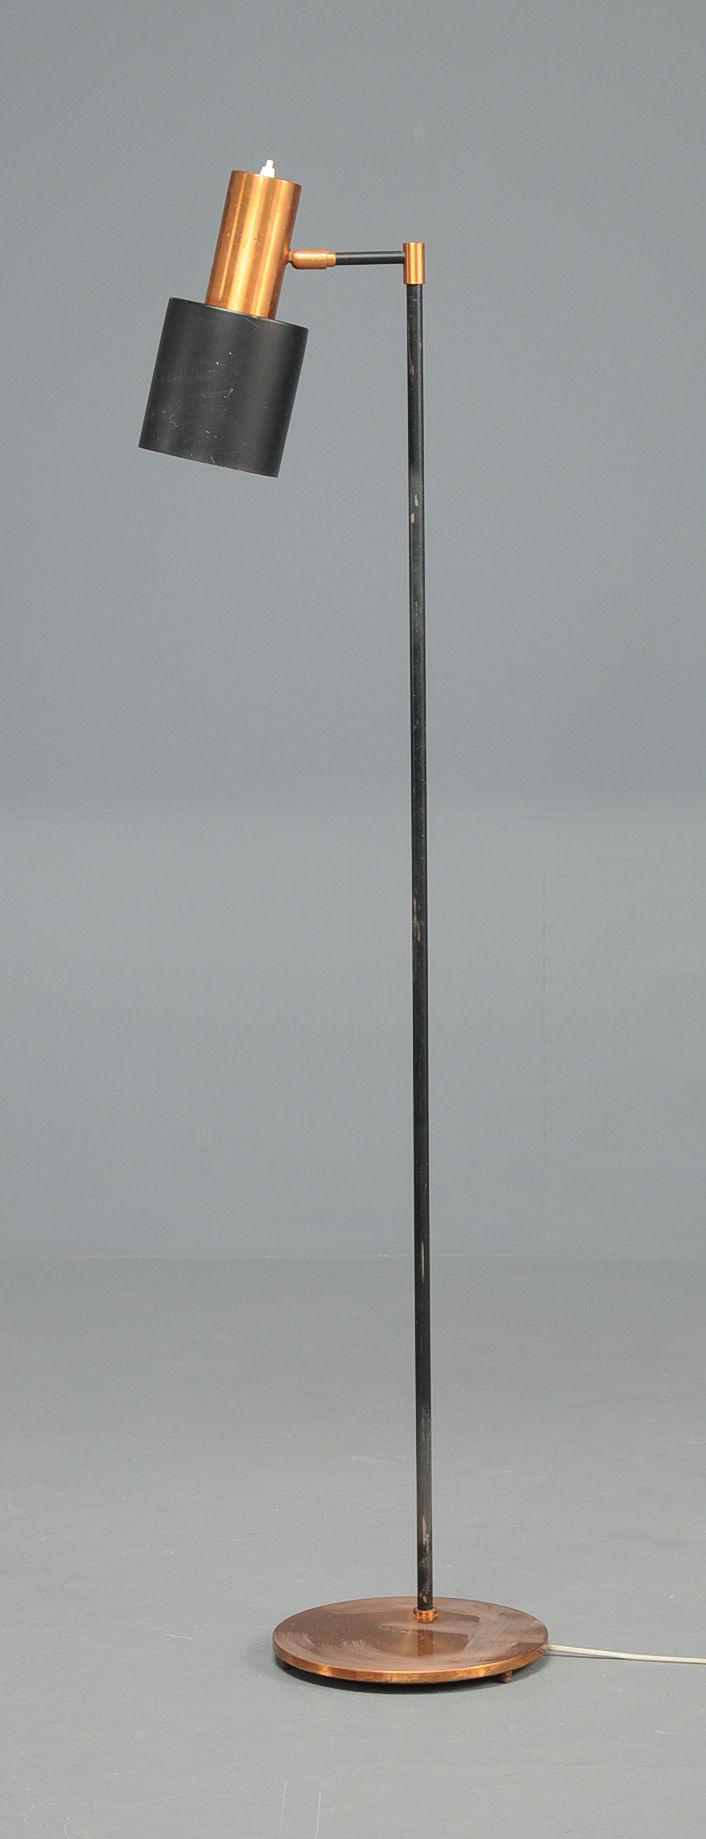 Vare 2972179 Standerlampe gulvlampe, kobber, Fog og Morup, Jo Hammerborg